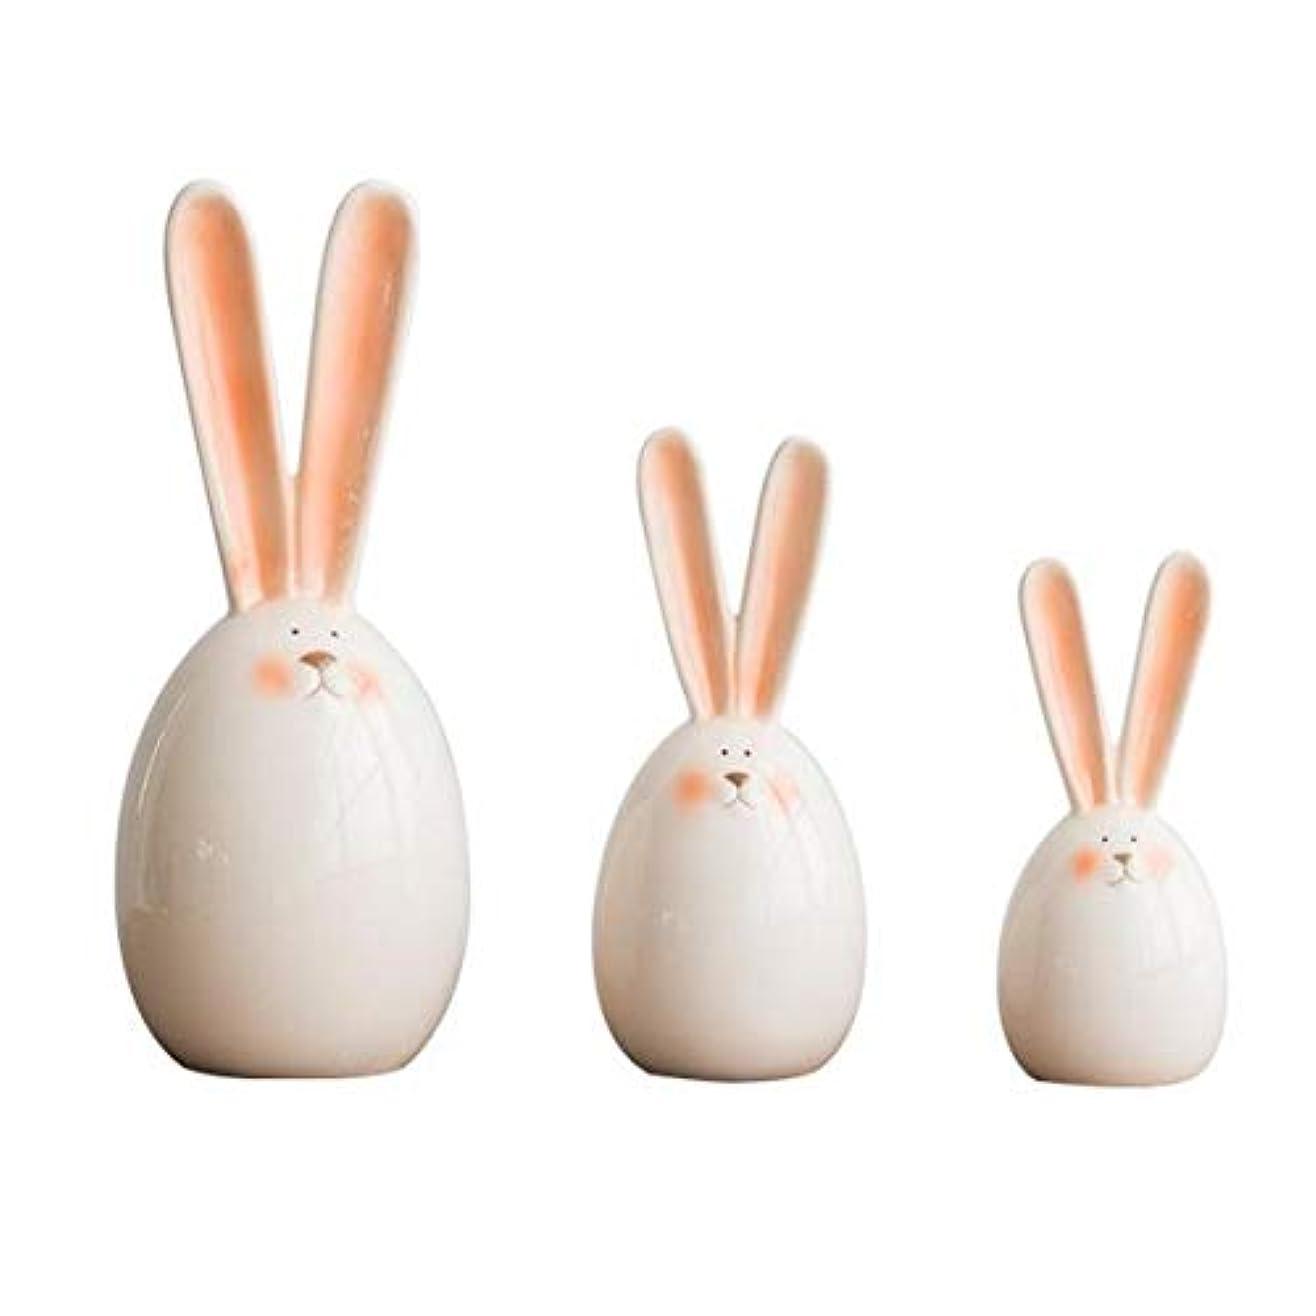 哲学博士役に立つ素子Fengshangshanghang リビングルームワインキャビネットテレビキャビネット漫画の装飾小さな装飾品誕生日プレゼントかわいいセラミックウサギの結婚祝いの表示,家の装飾 (Style : Rabbit)